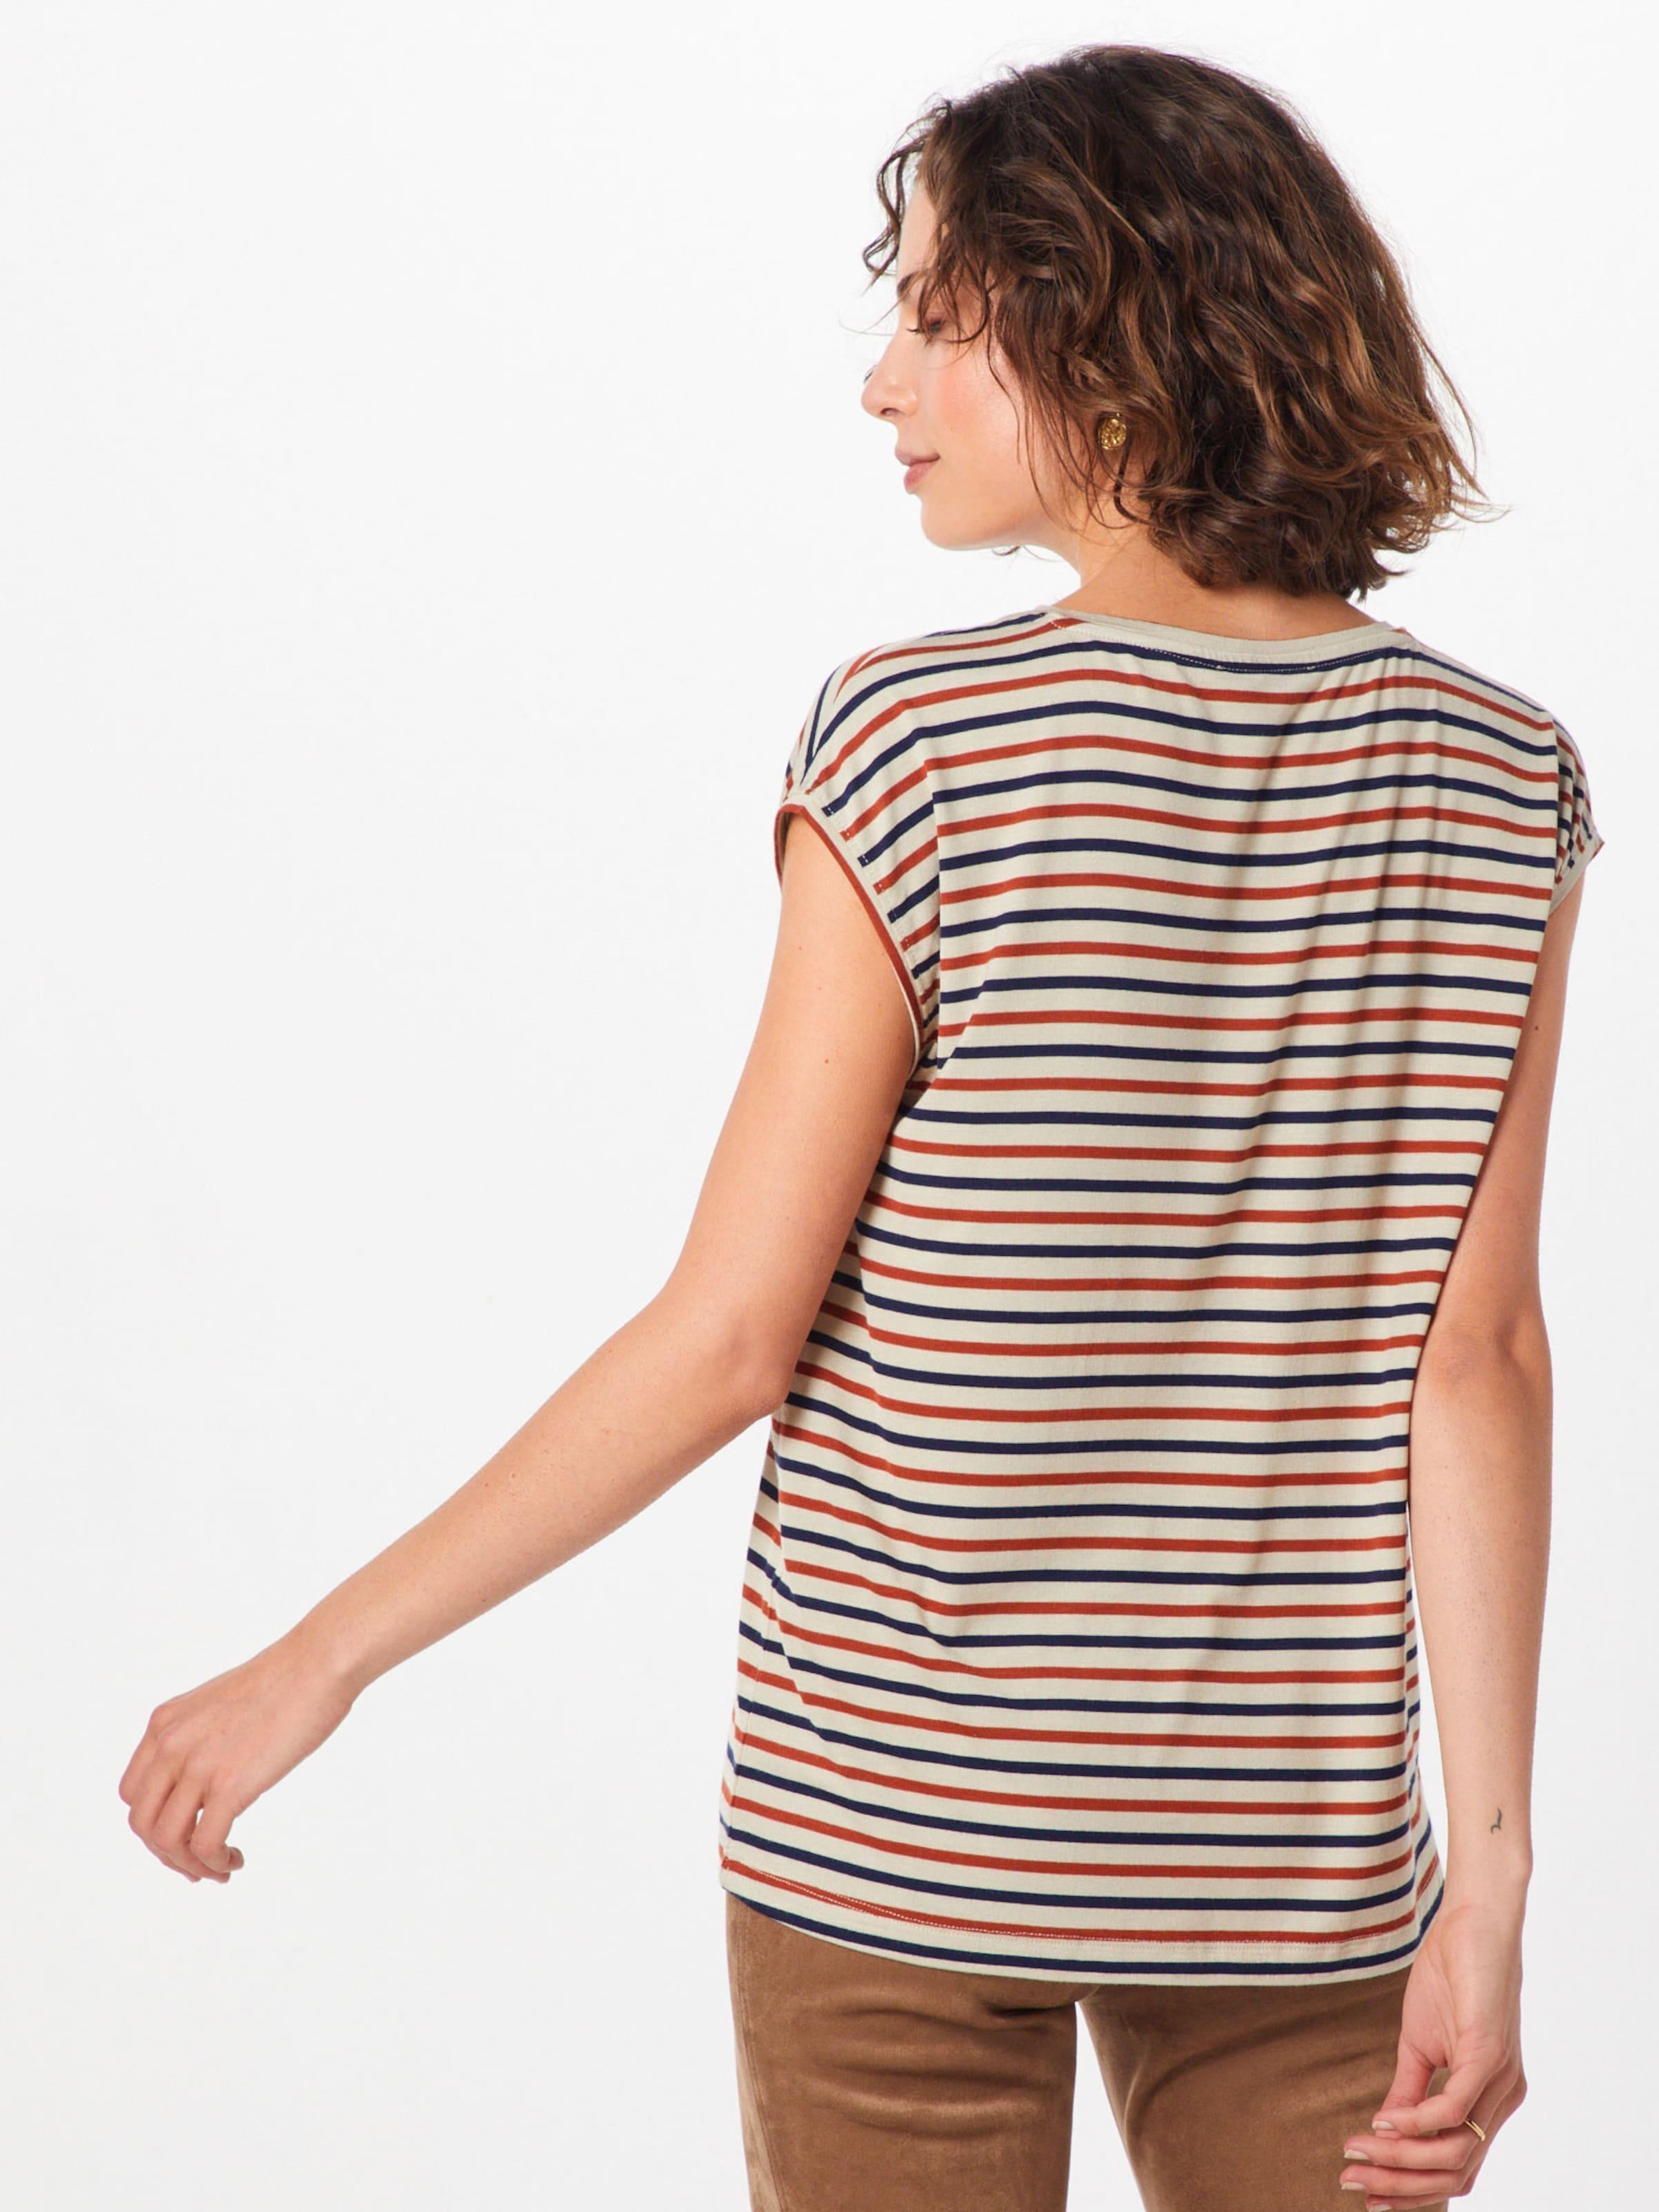 Shirt BeigeBlau Pieces In Rostrot In Shirt Rostrot Pieces BeigeBlau Pieces Shirt SpUVMzGLq